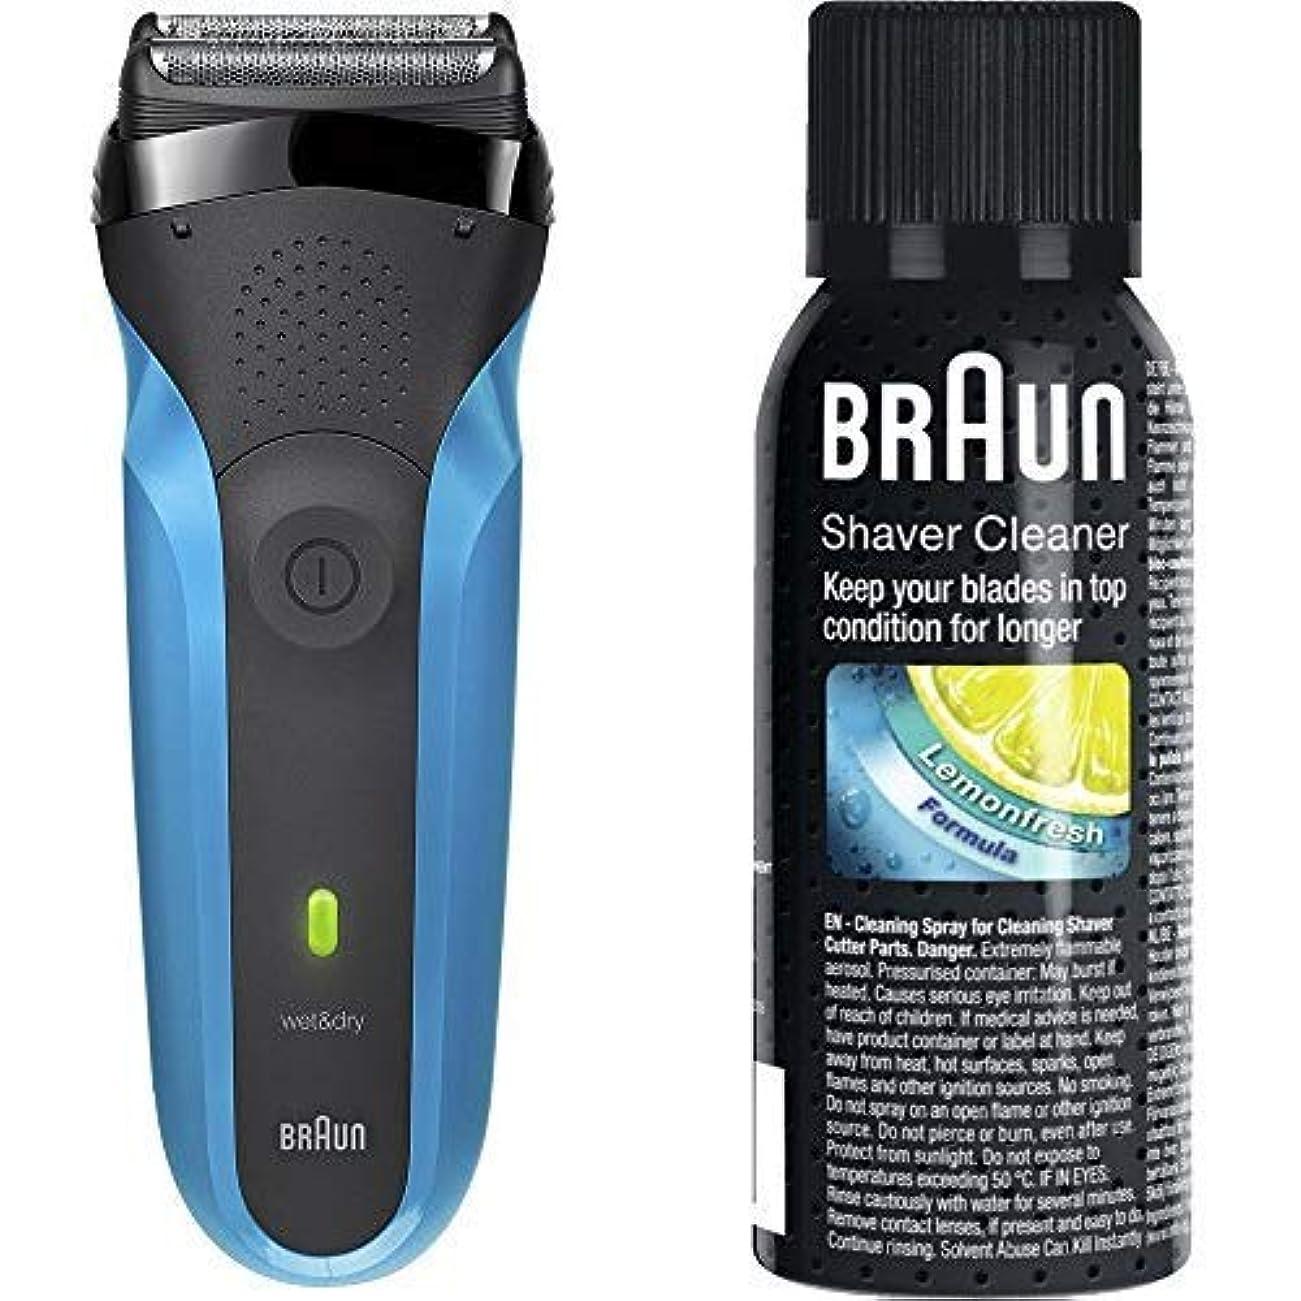 もろい時折おとうさんブラウン メンズ電気シェーバー シリーズ3 310s 3枚刃 水洗い/お風呂剃り可 & シェーバークリーナー SC8000 SC8000